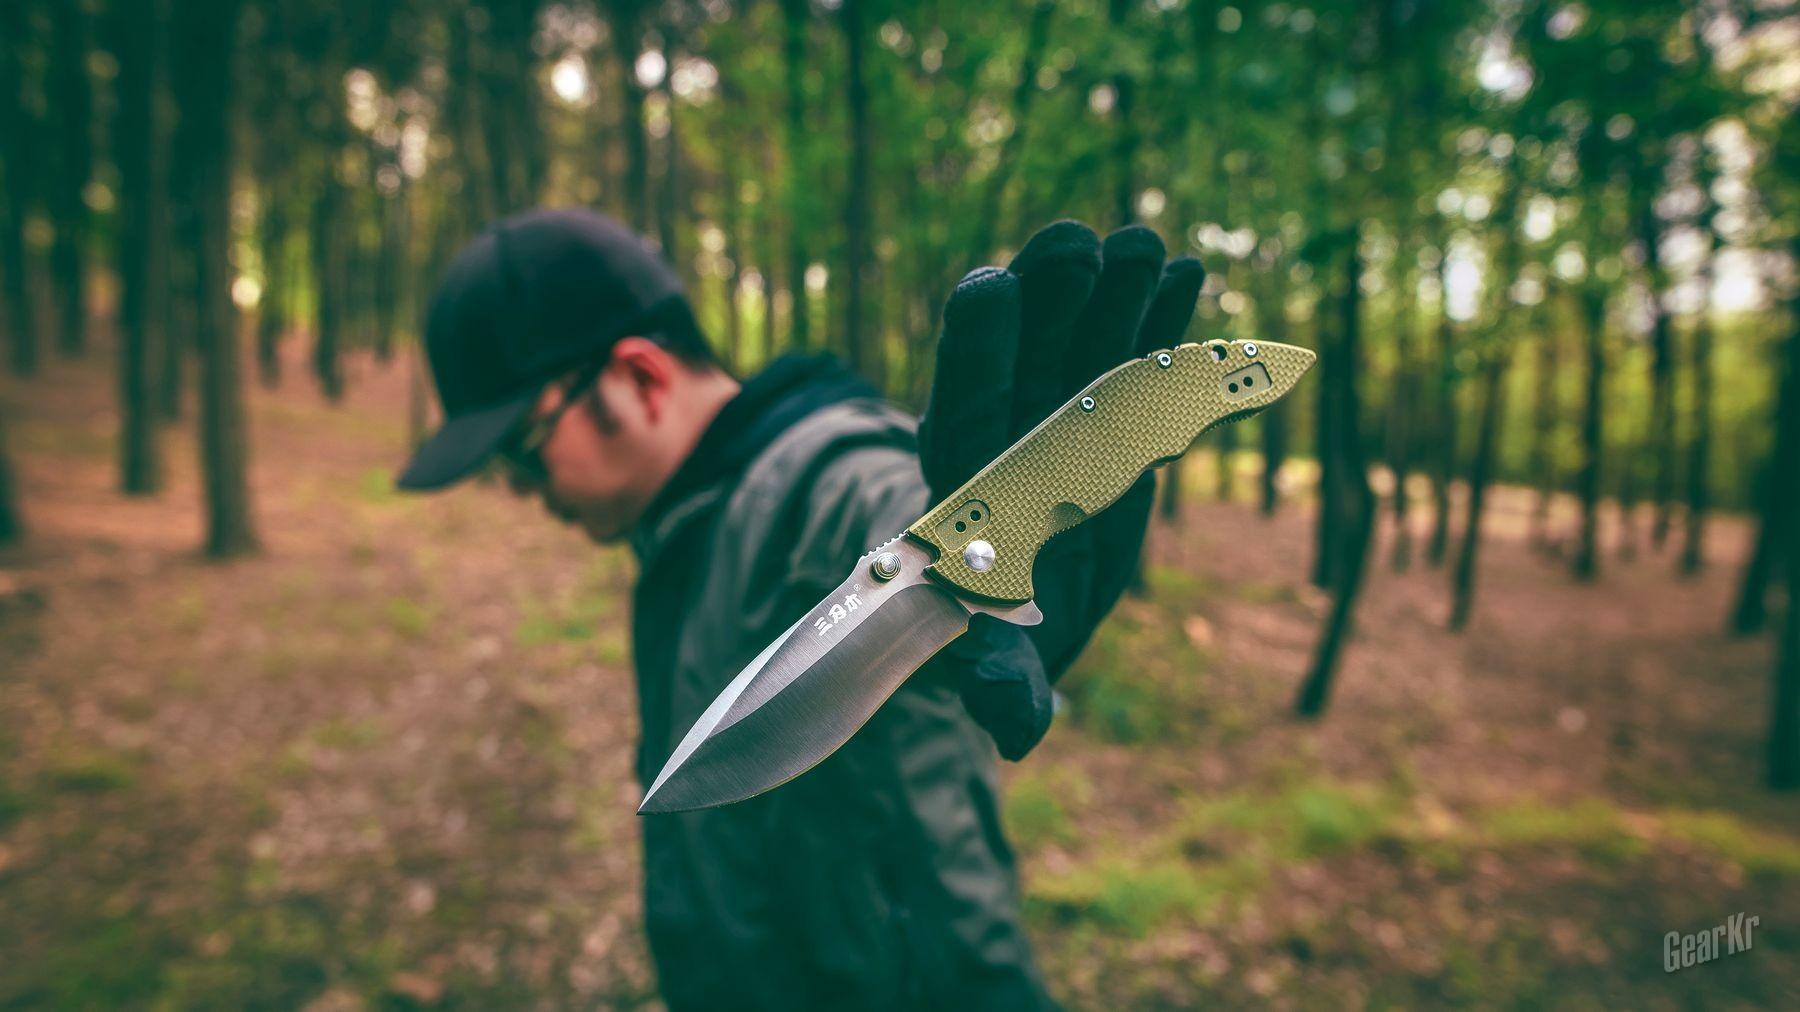 身边的守护者——三刃木9054使用体会